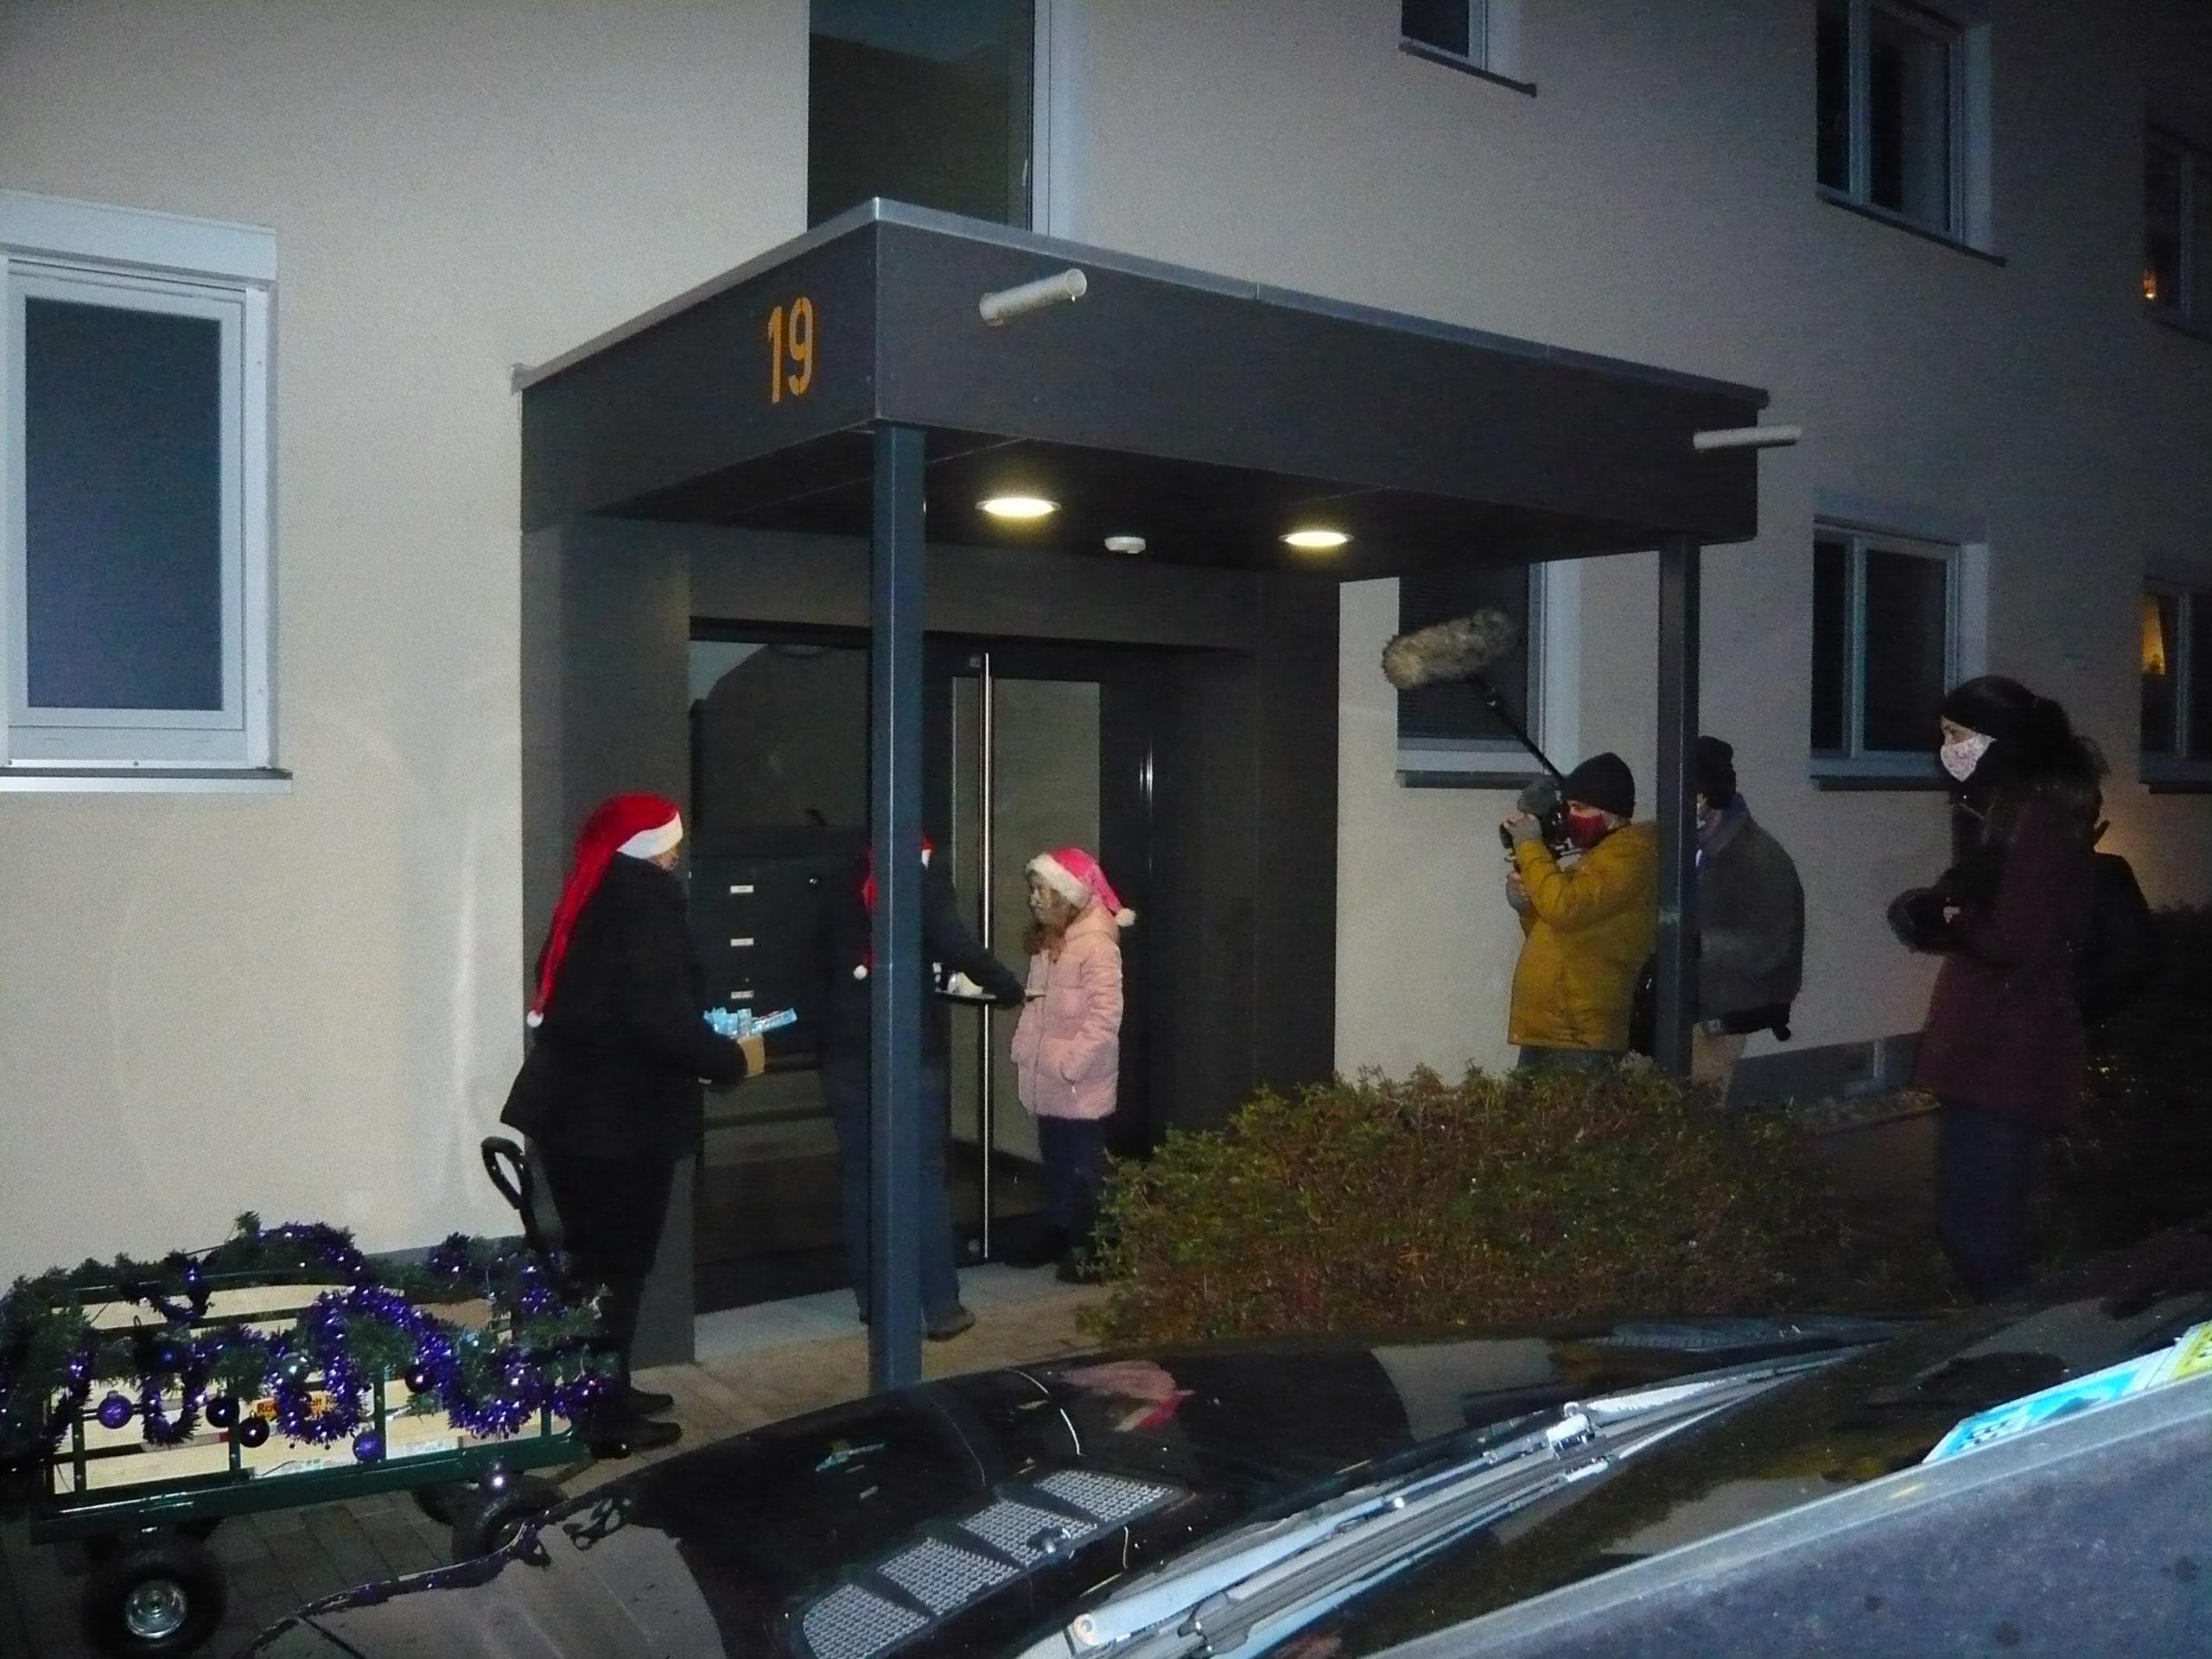 Postsiedlung: Mobiler Weihnachtsmarkt bringt zu Corona-Zeiten festliche Stimmung vor die Haustüre